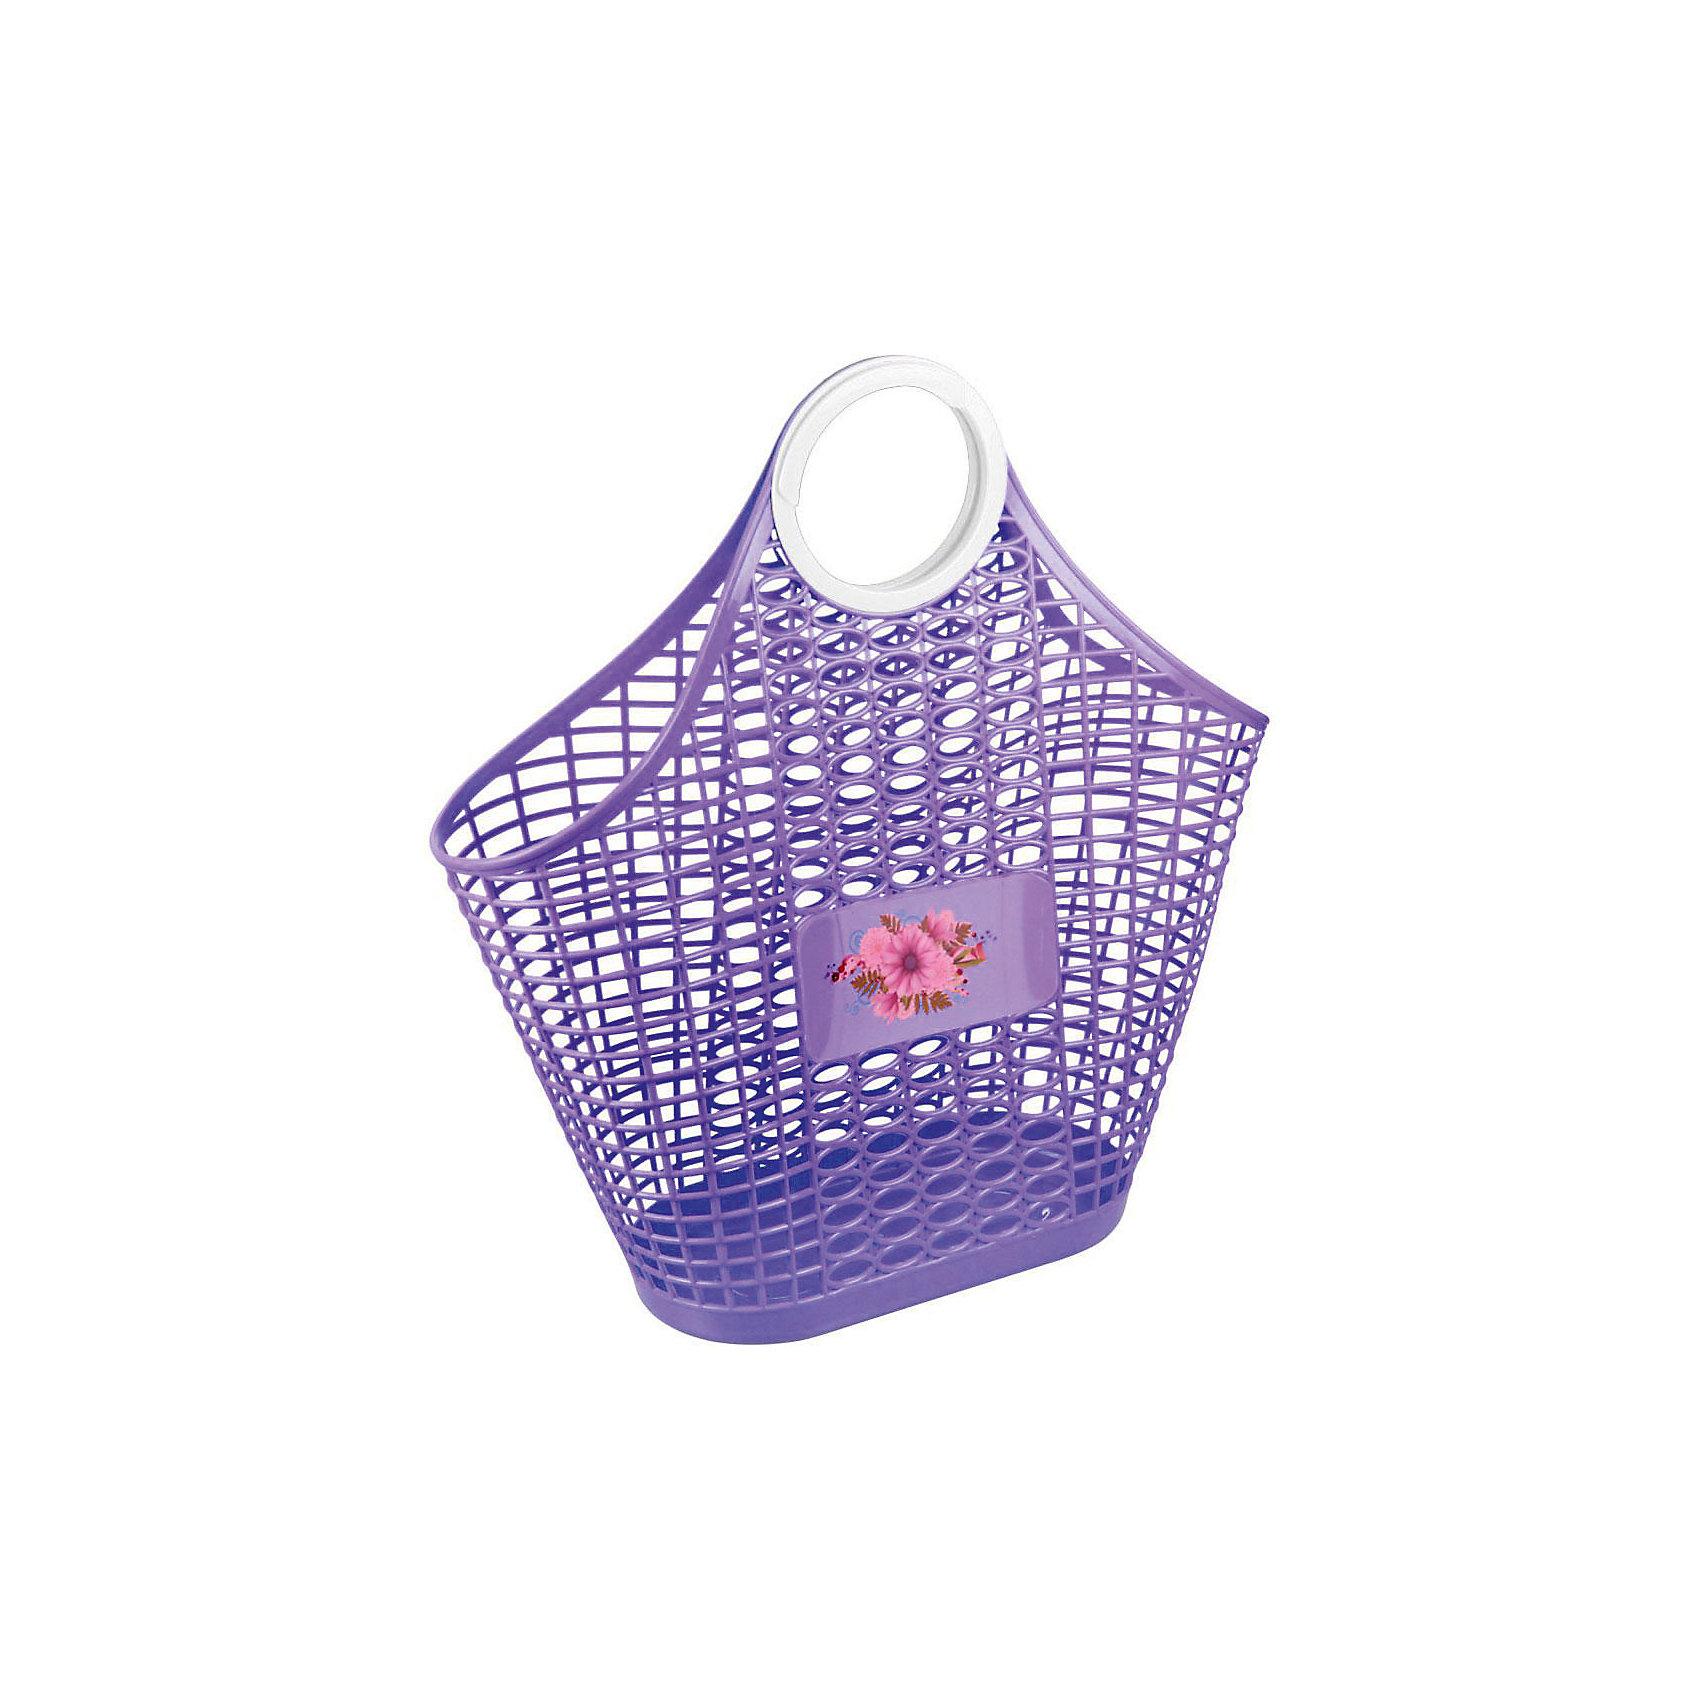 Alternativa Корзина ,  Alternativa, фиолет. плетеные заборы для дачи купить